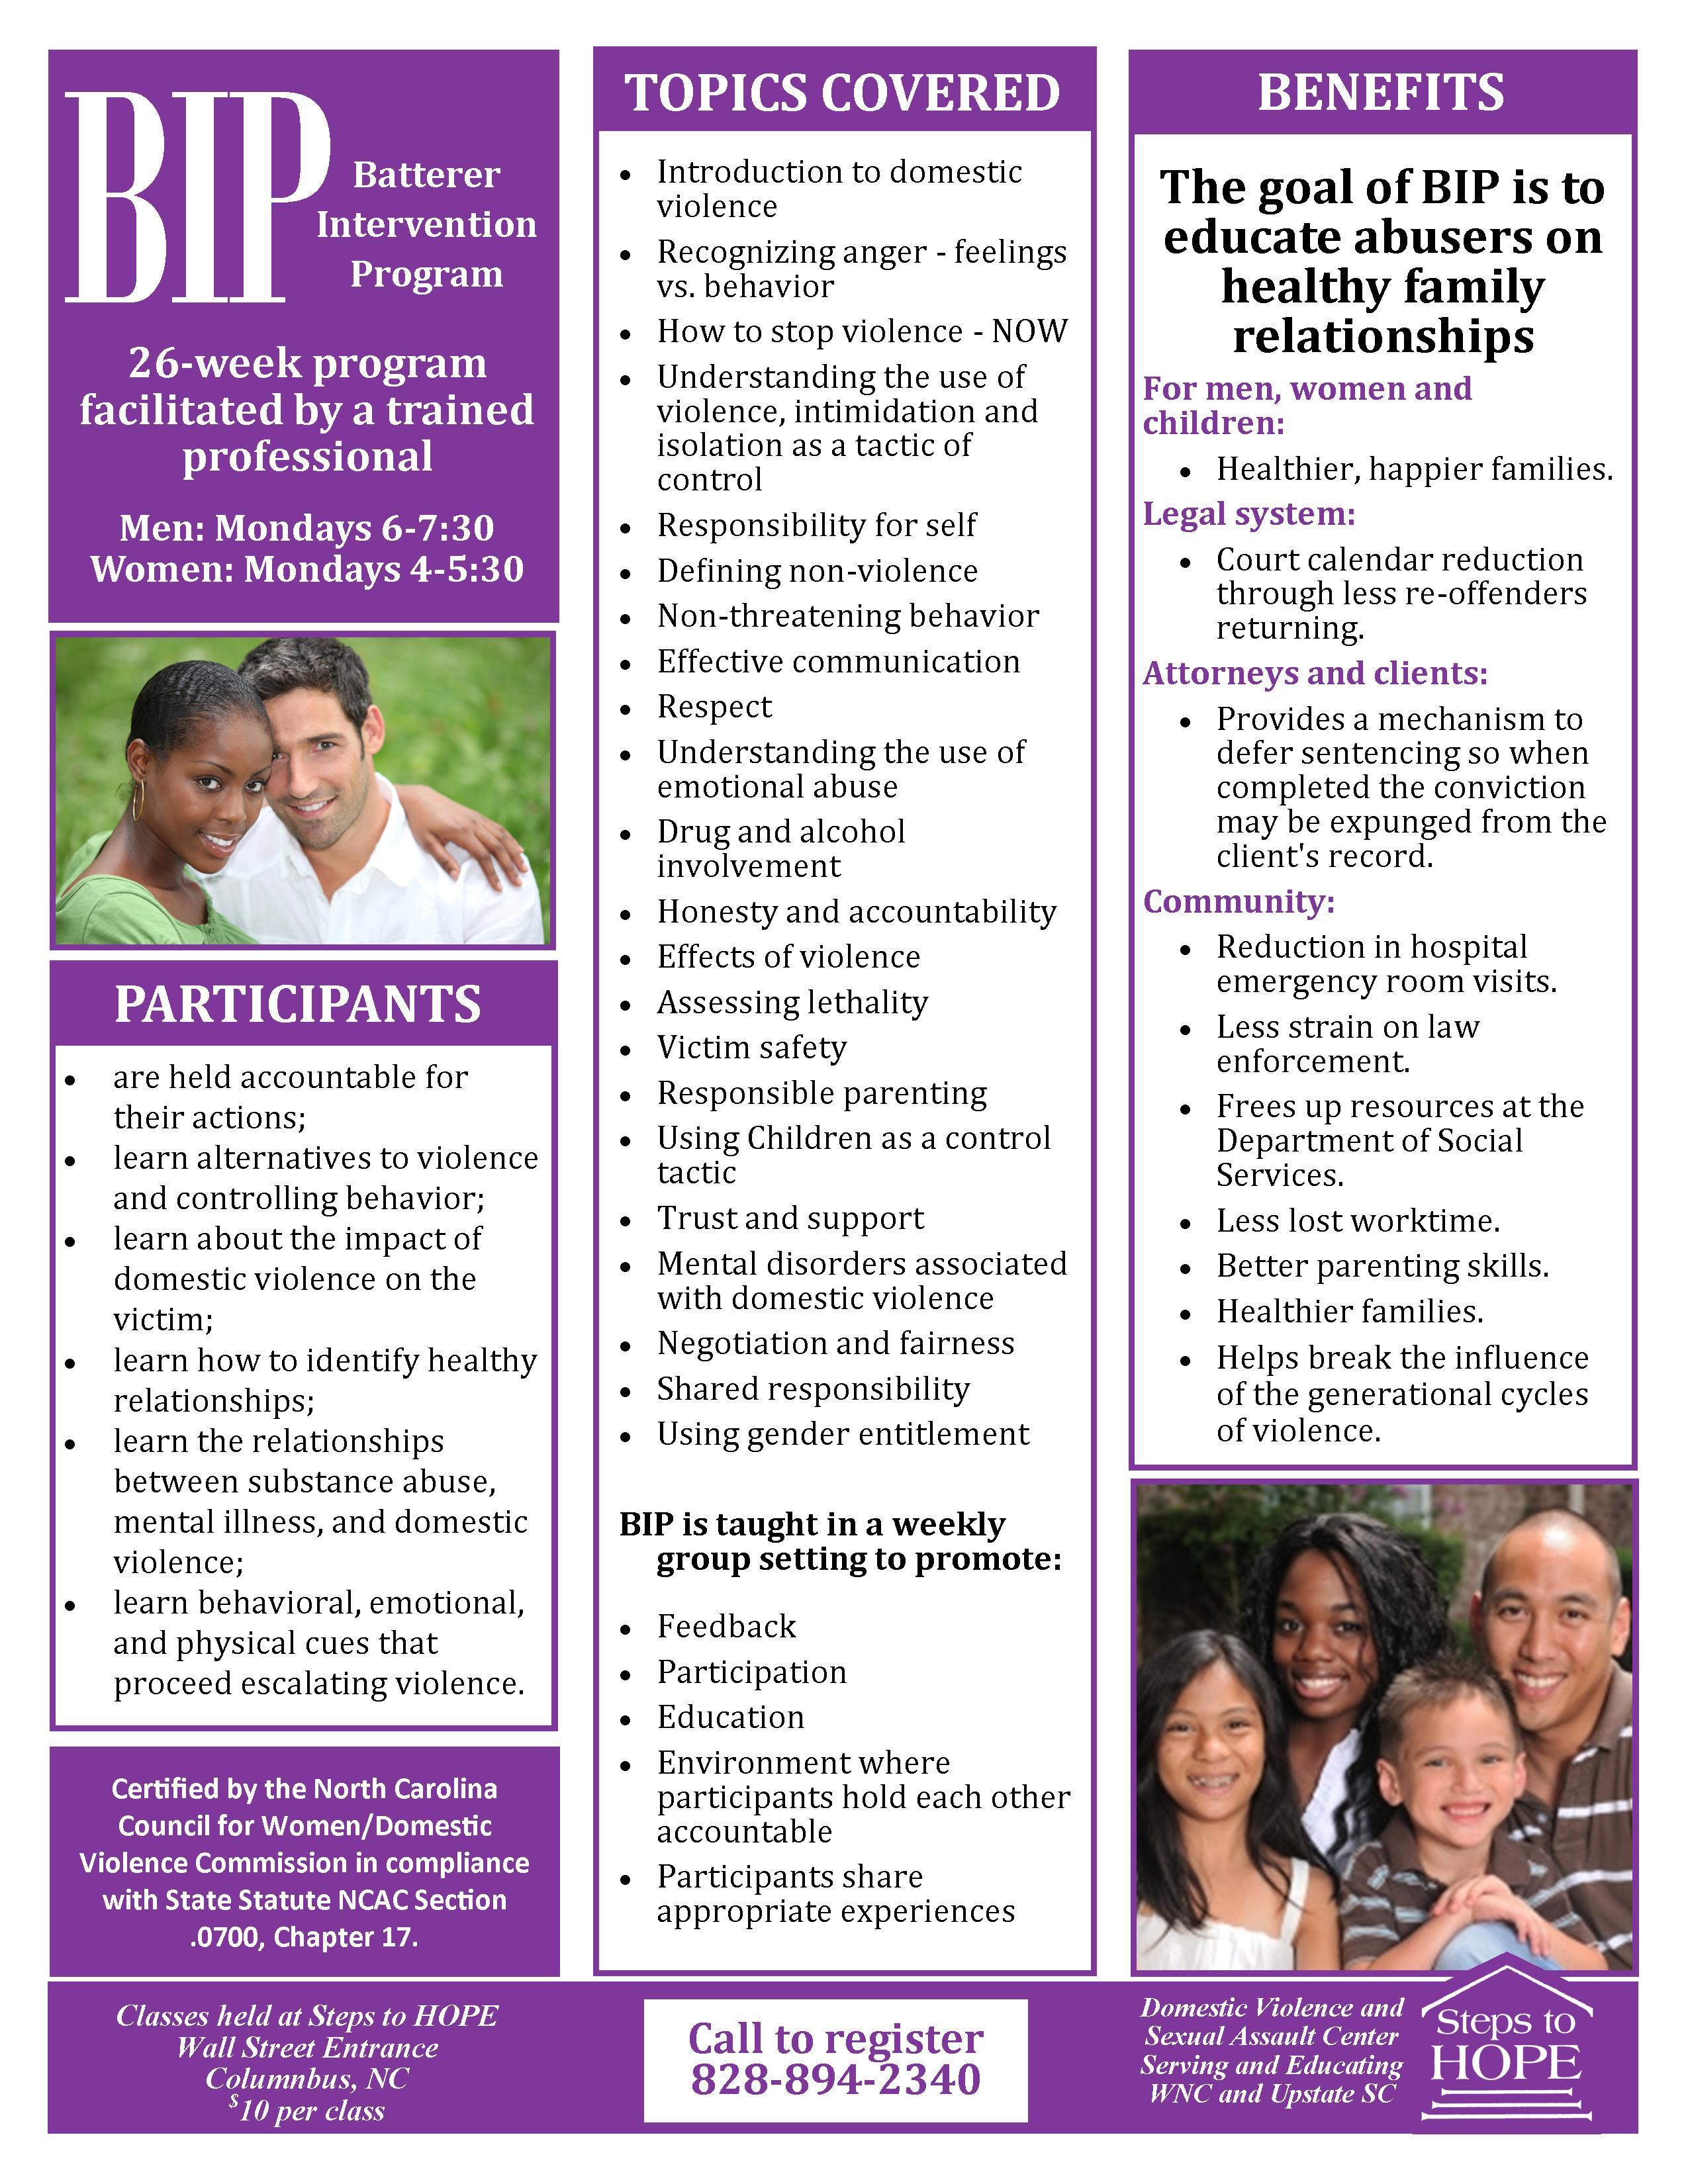 Women's BIP (Batterer Intervention Program)